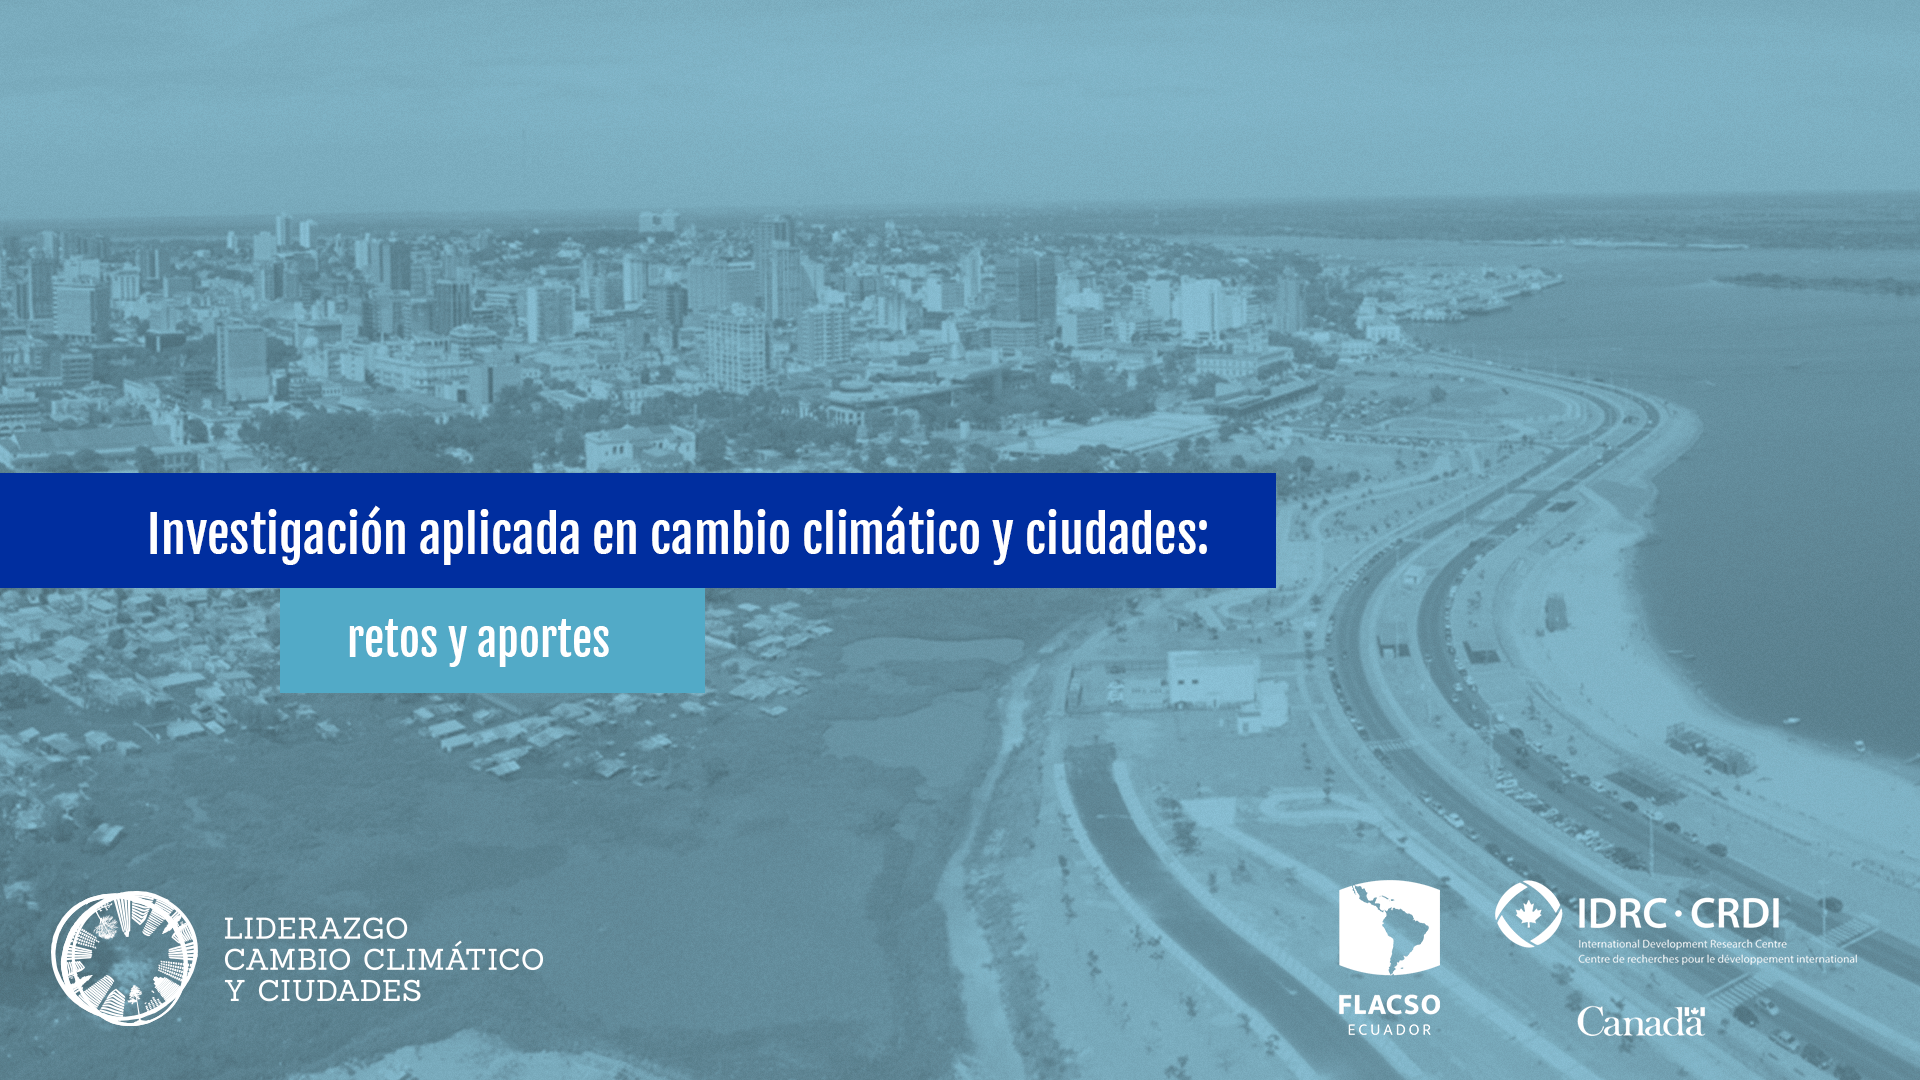 Investigación aplicada en cambio climático y ciudades: retos y aportes